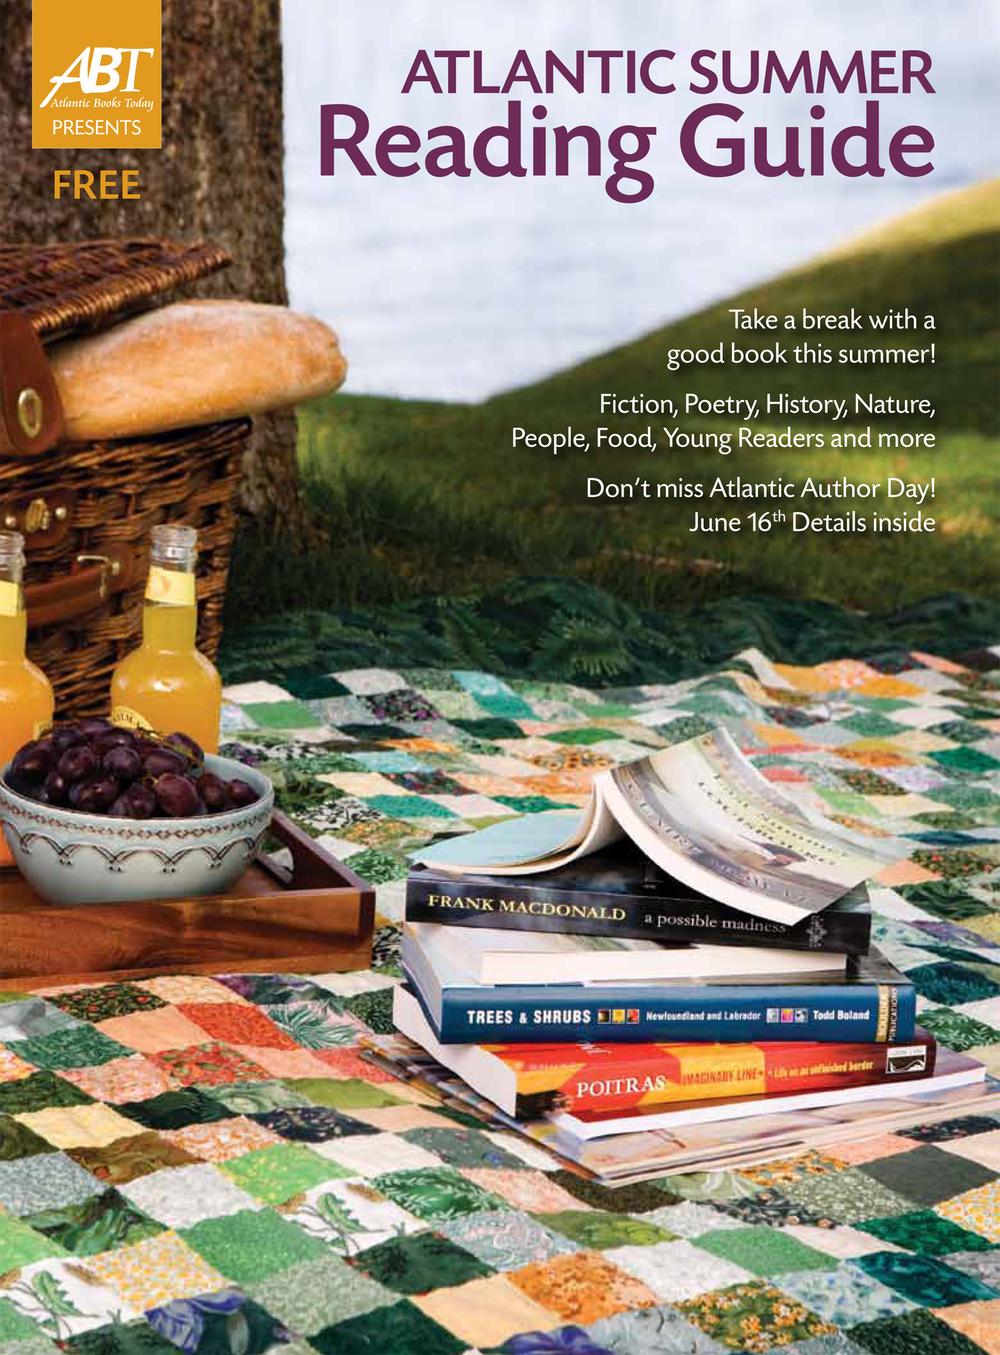 APMA Summer 2012 Flyer_Cover.jpg